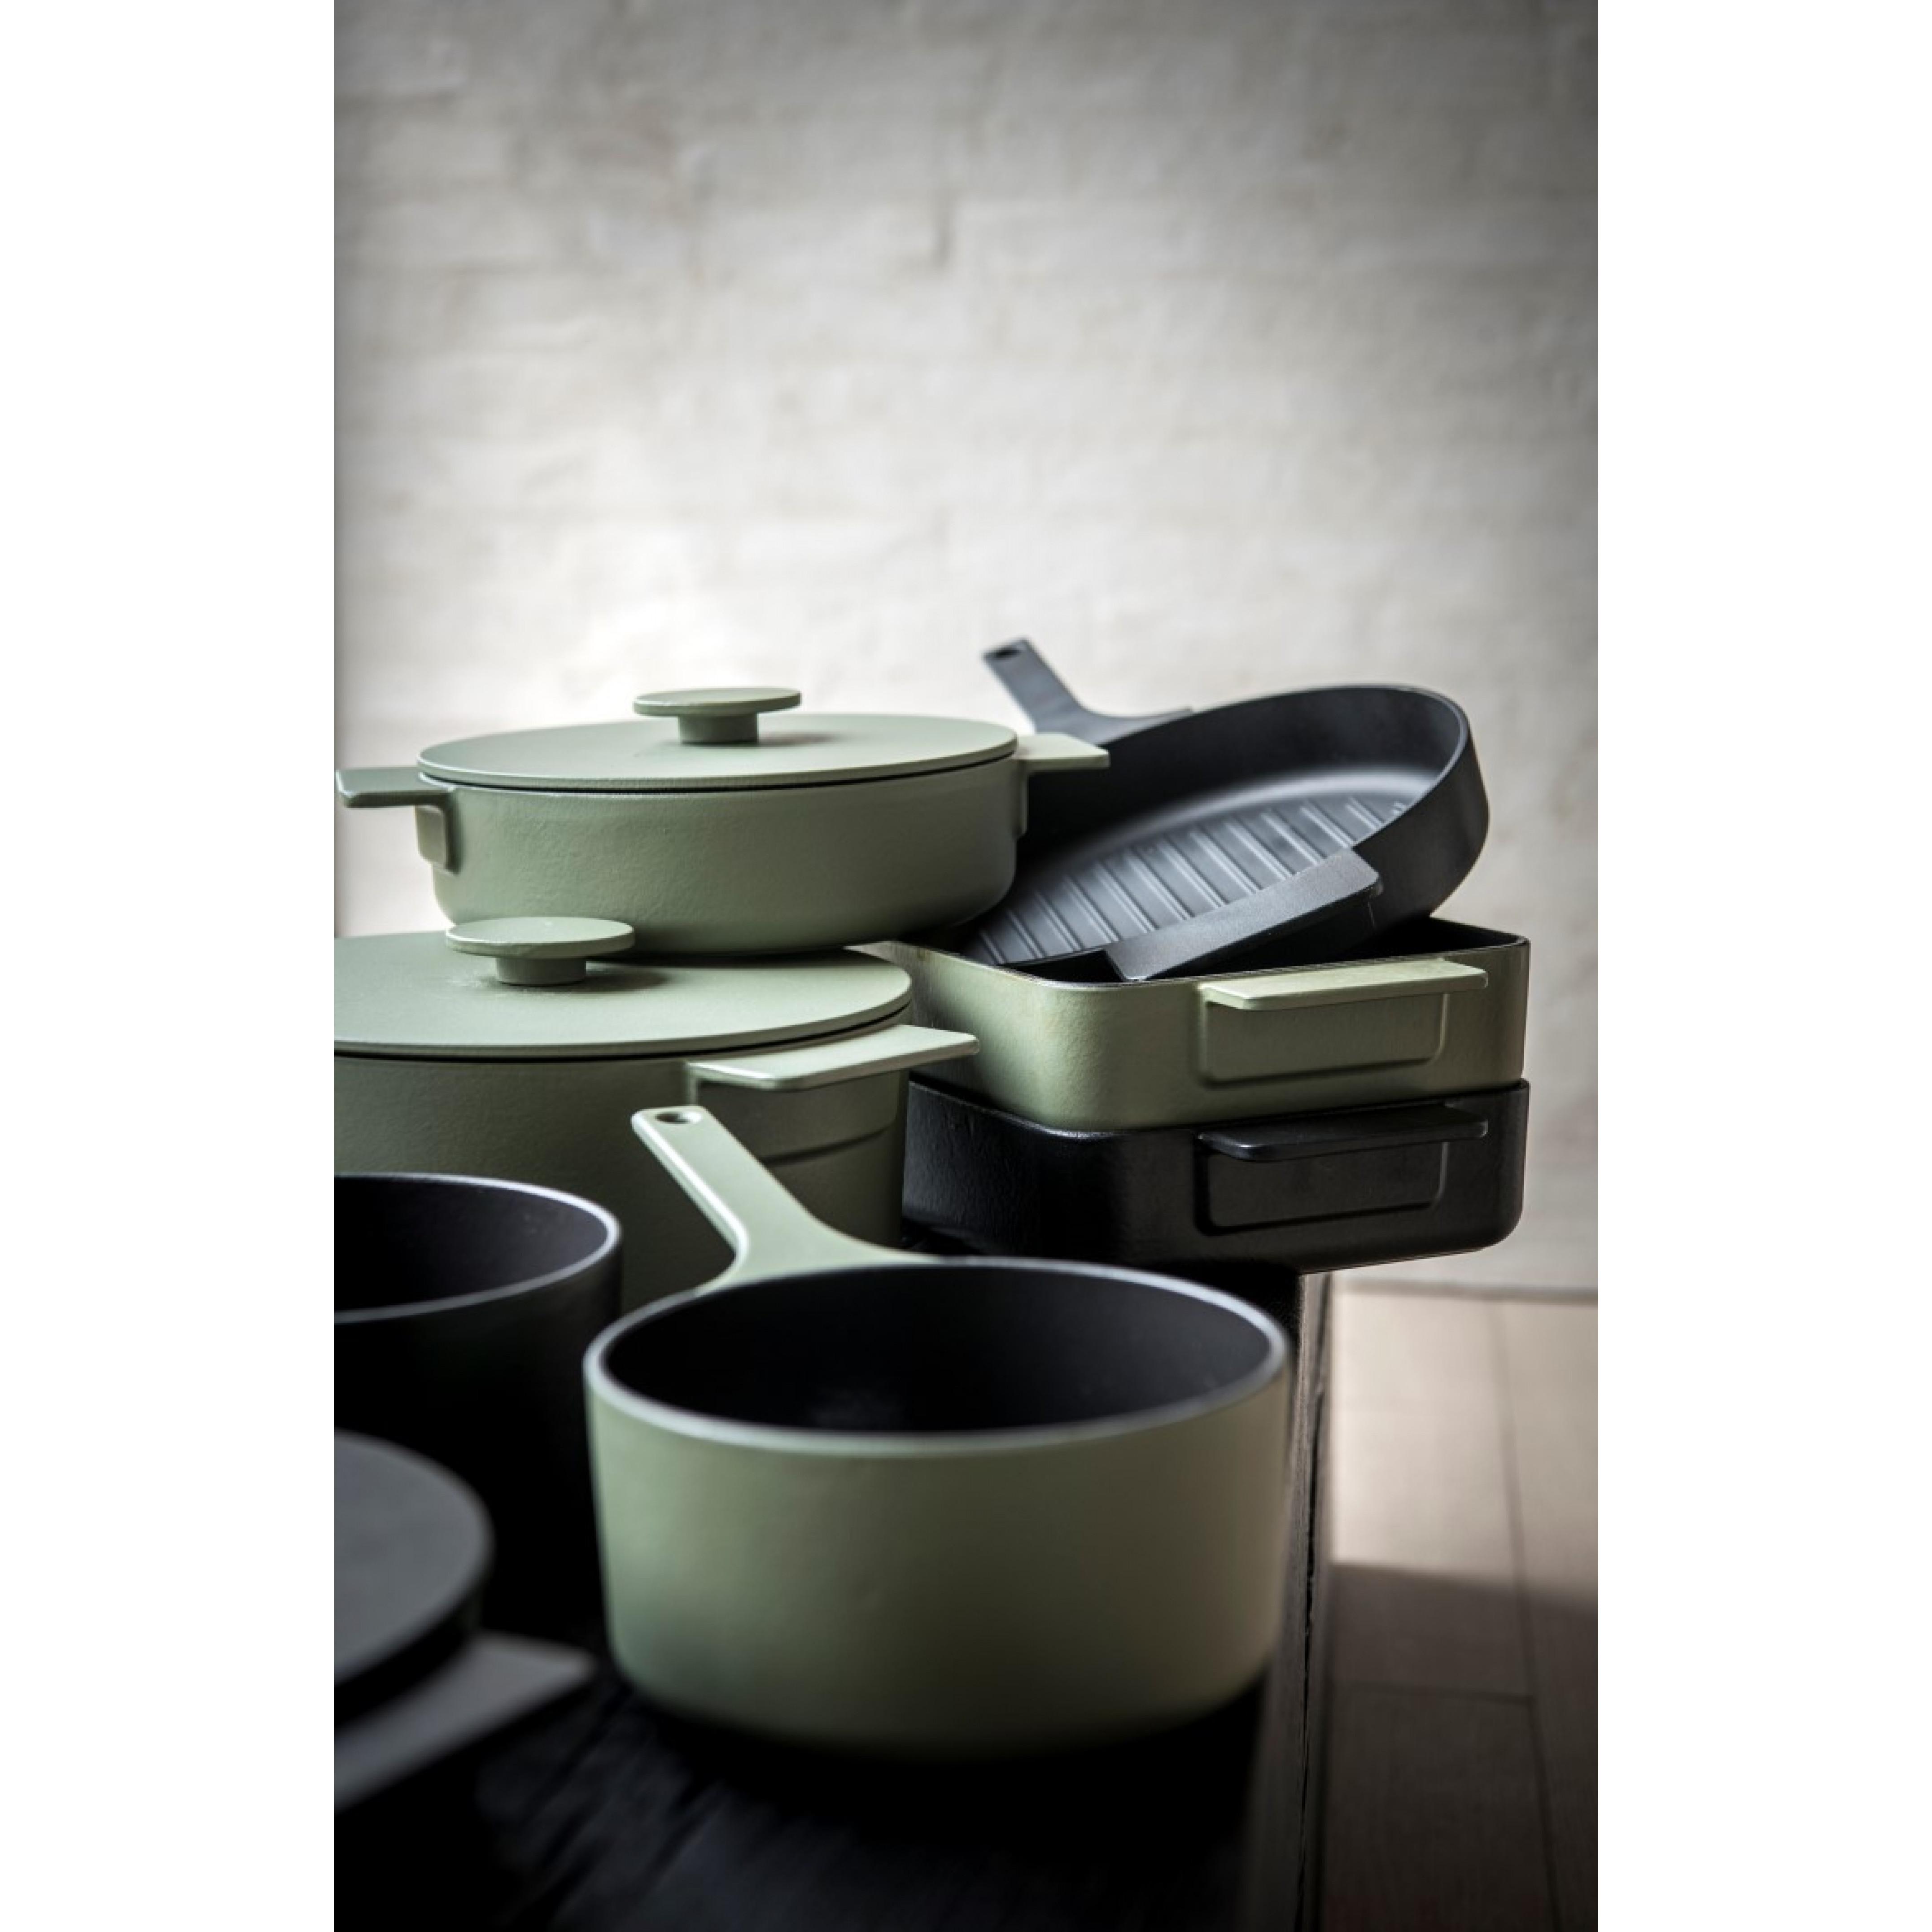 Topfoberflächen-Emaille   Grün-20 cm